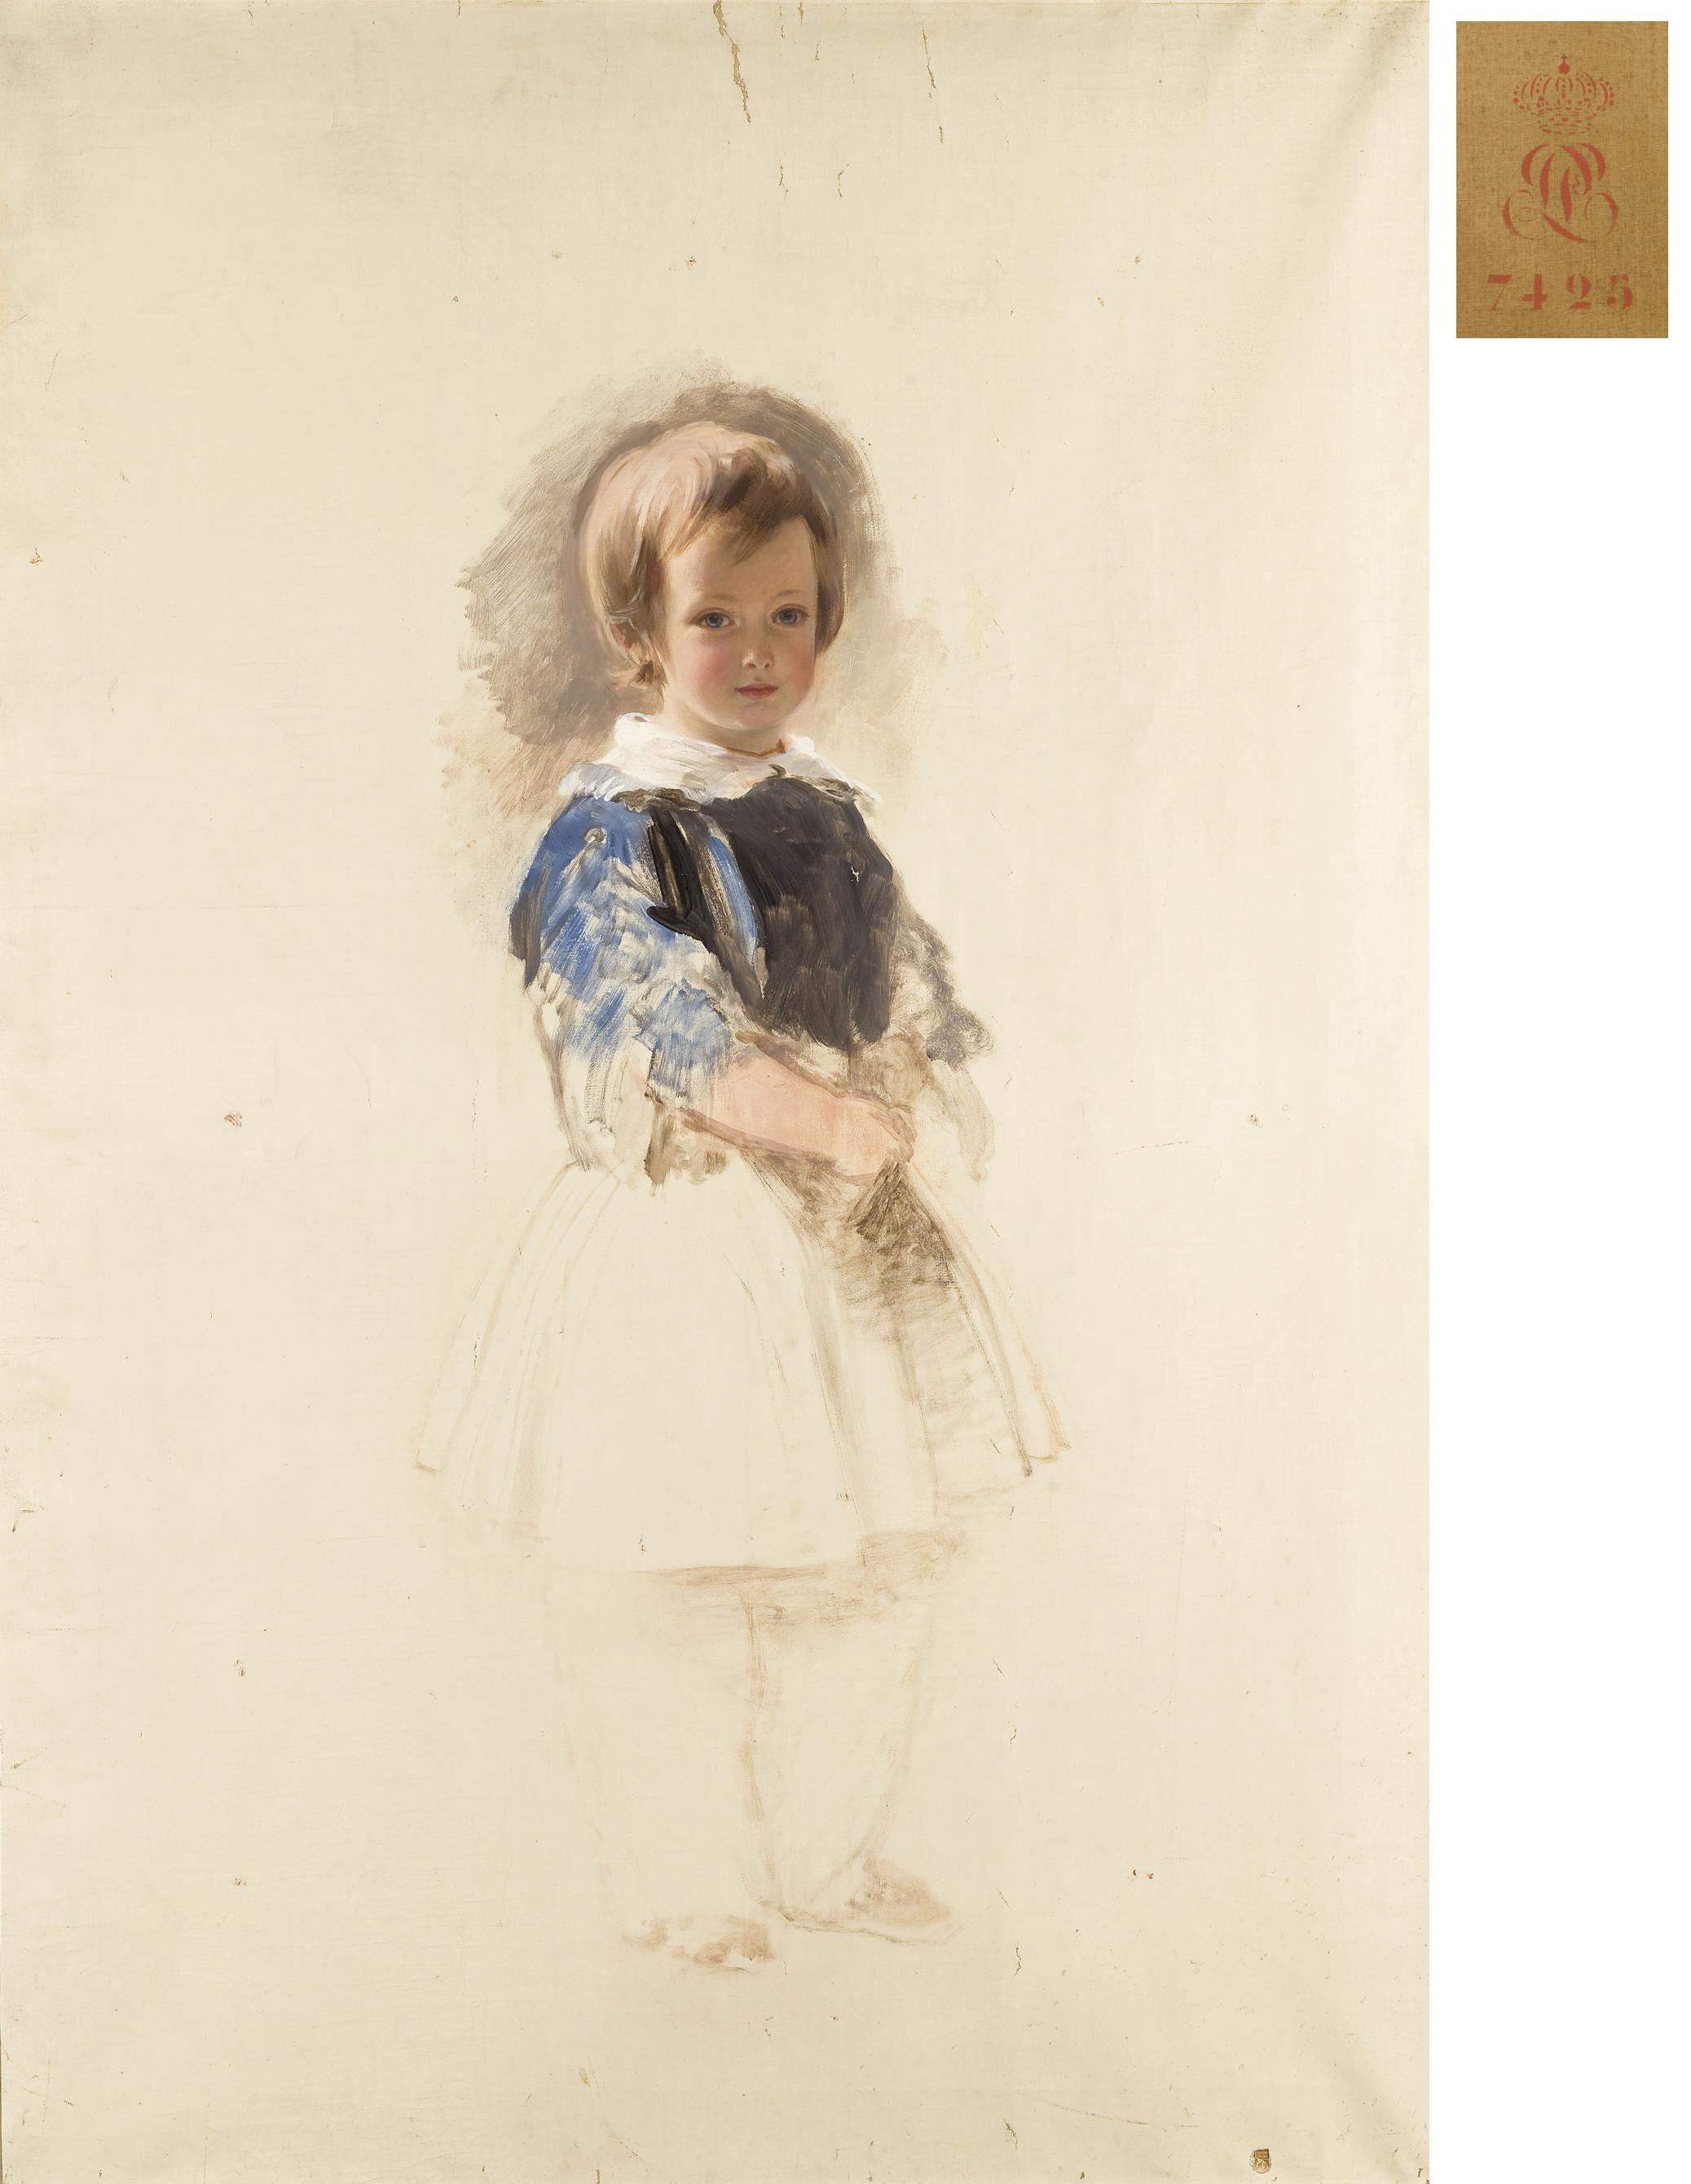 Esquisse pour le portrait de Louis-Philippe, premier Comte de Paris (1838-1894) enfant